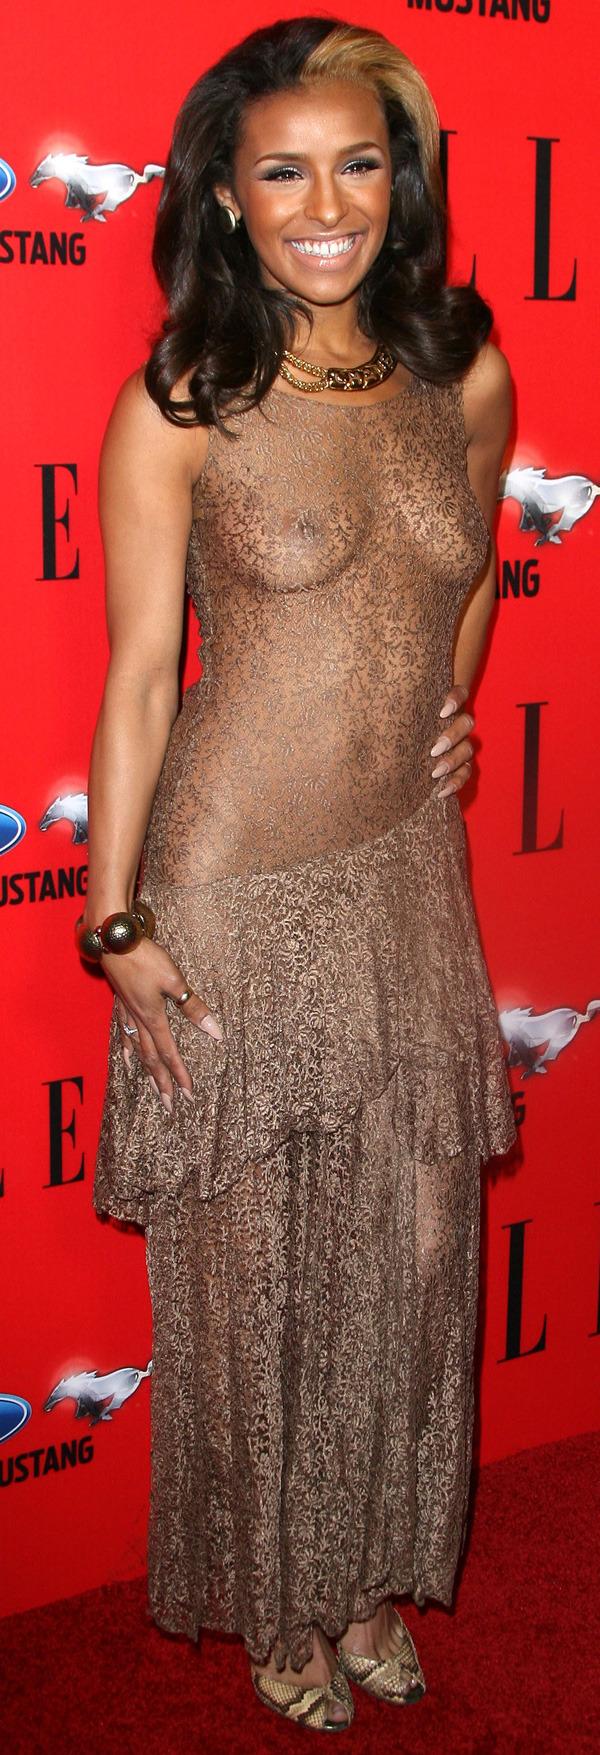 Melody Thornton en robe très transparente